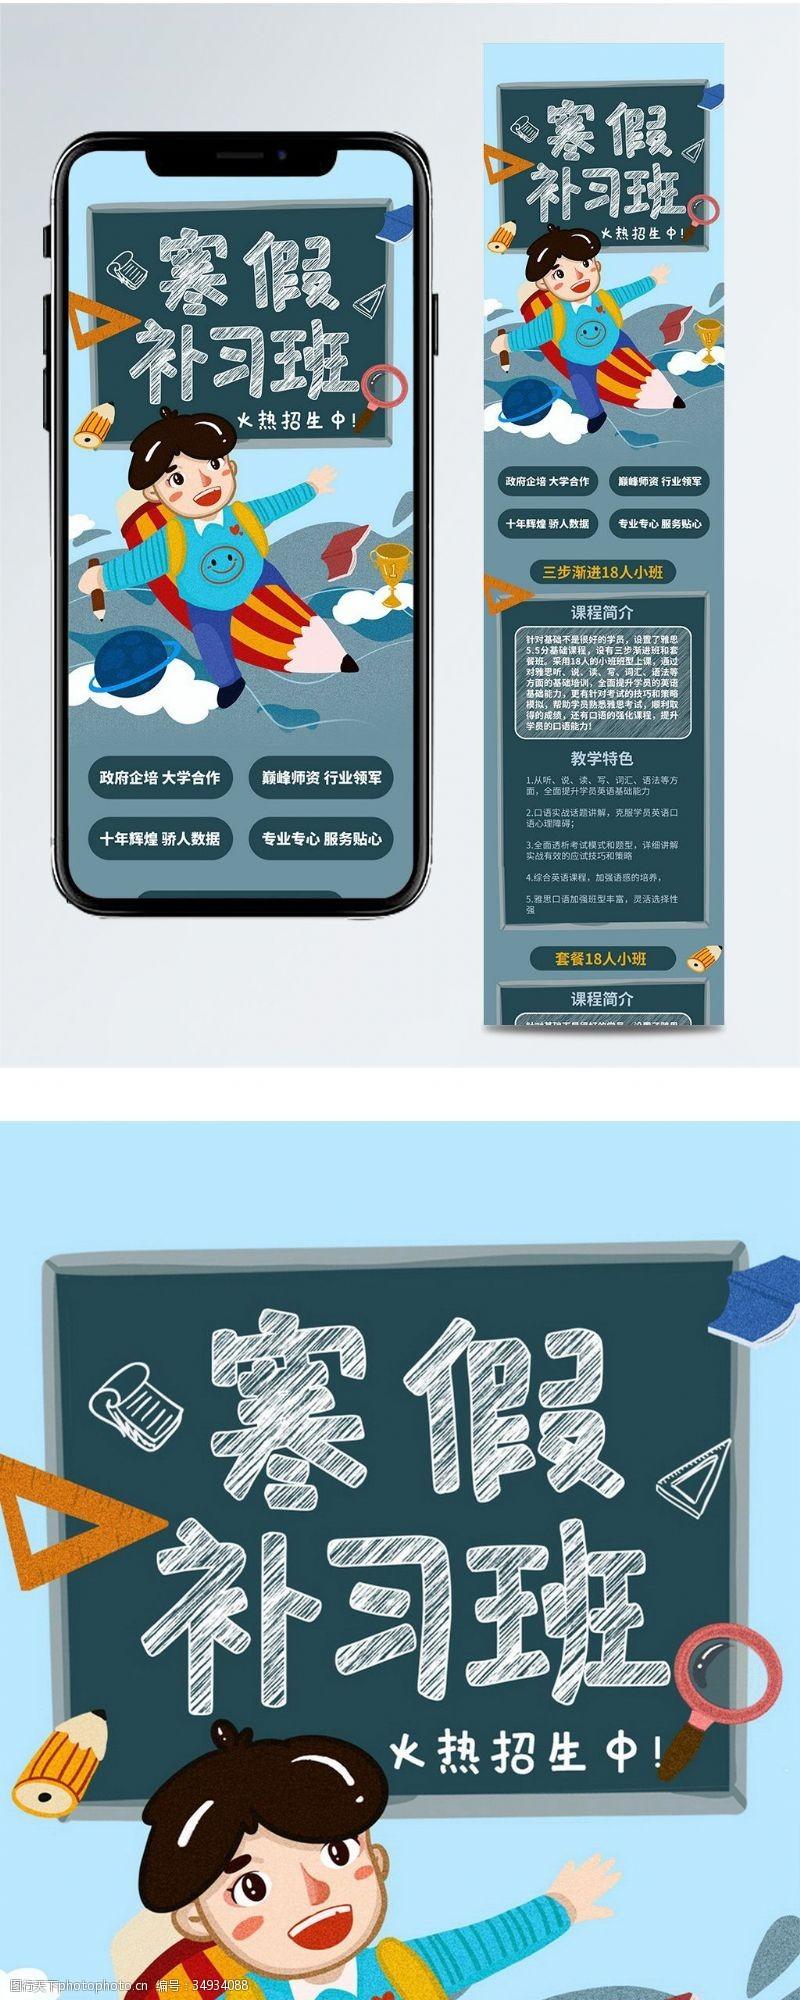 手机微信配图寒假补习班招生宣传信息长图